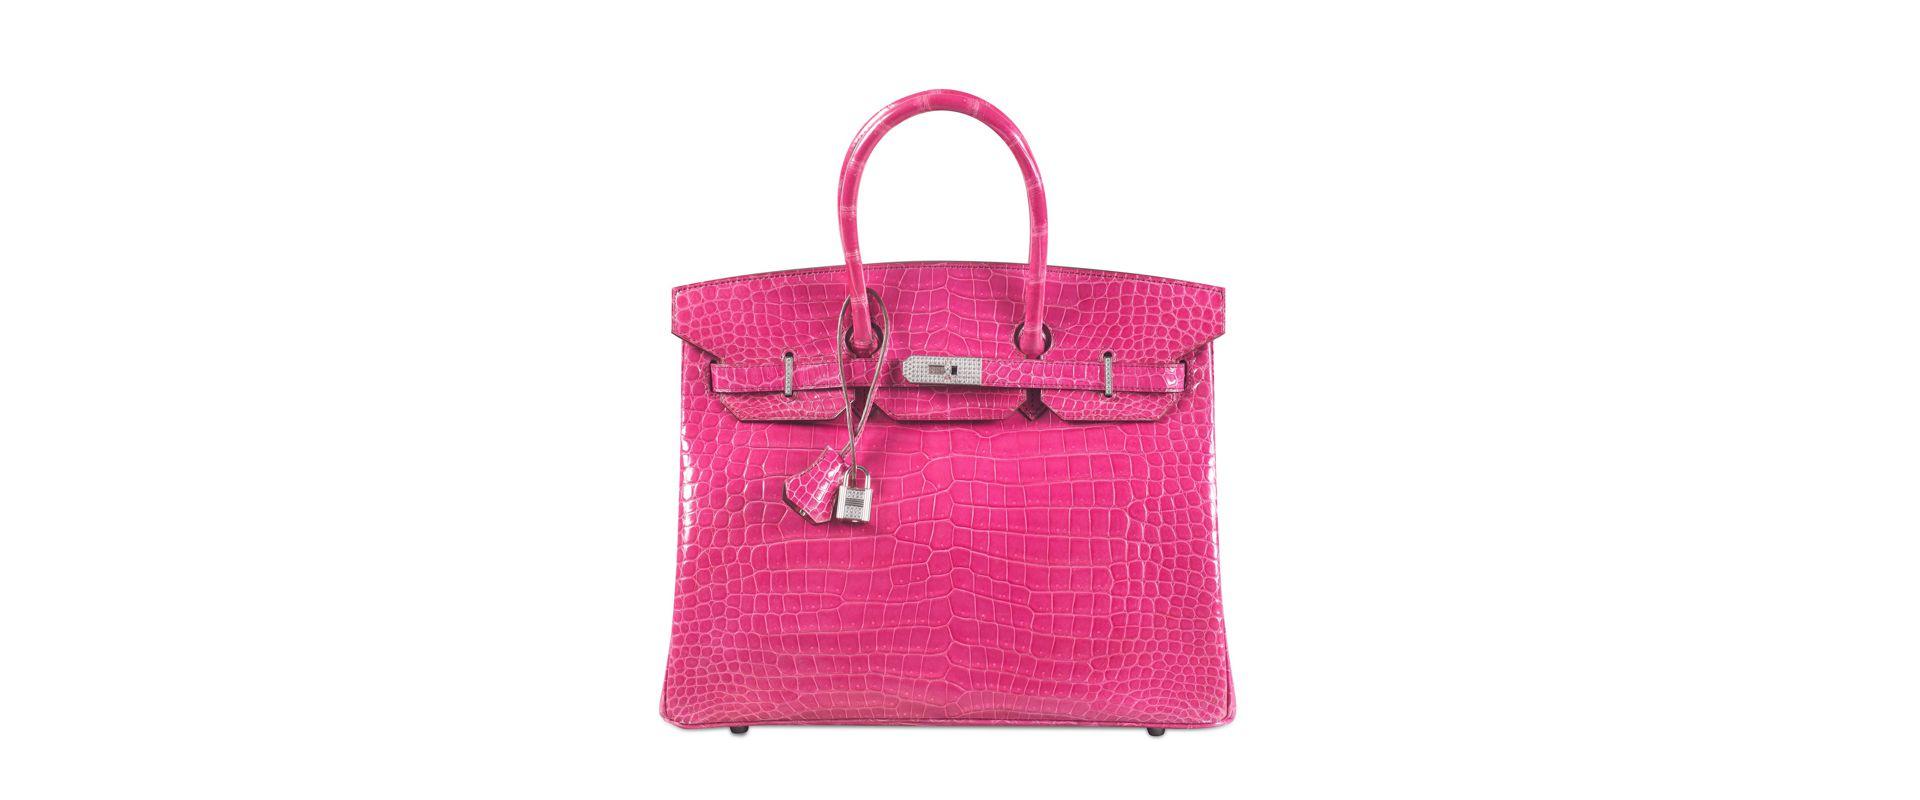 Ovo je najskuplja ženska torbica na svijetu! A evo što je čini toliko posebnom